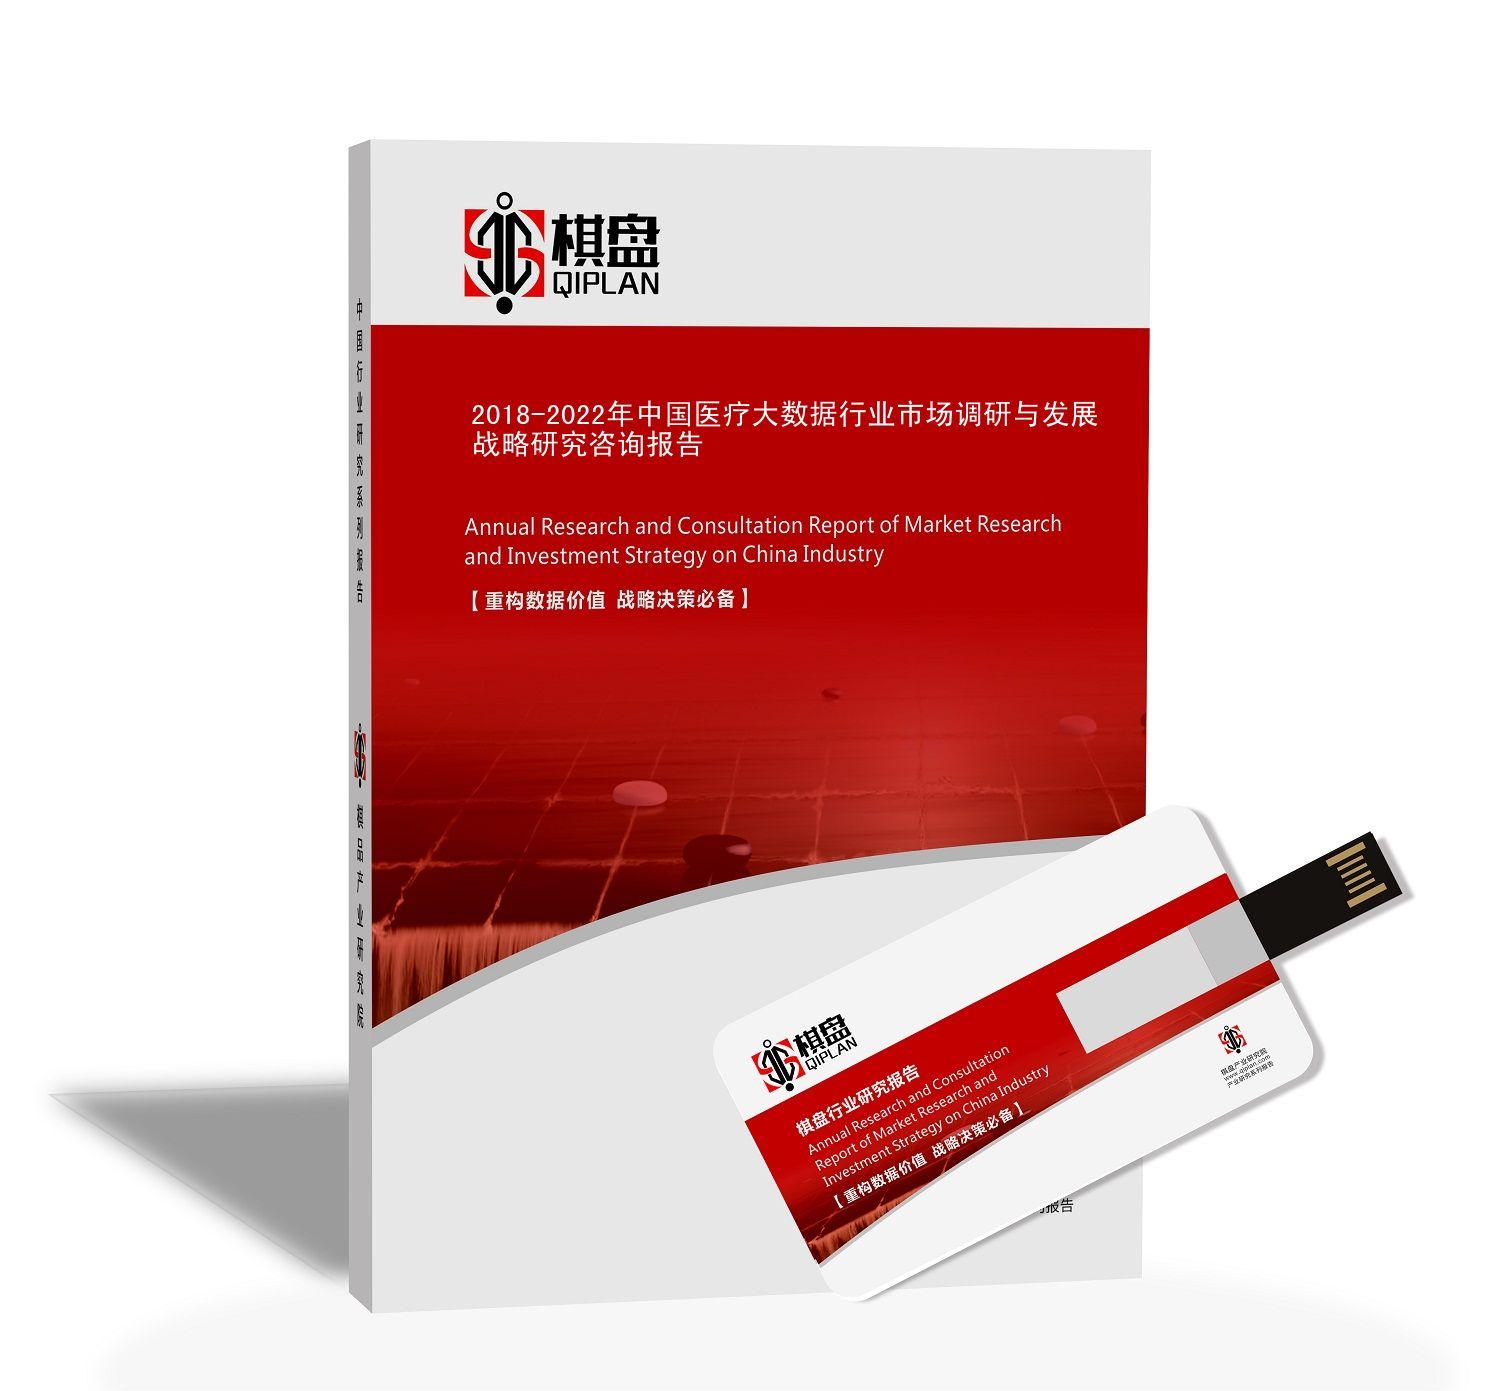 2018-2022年中国医疗大数据行业市场调研与发展战略研究咨询报告